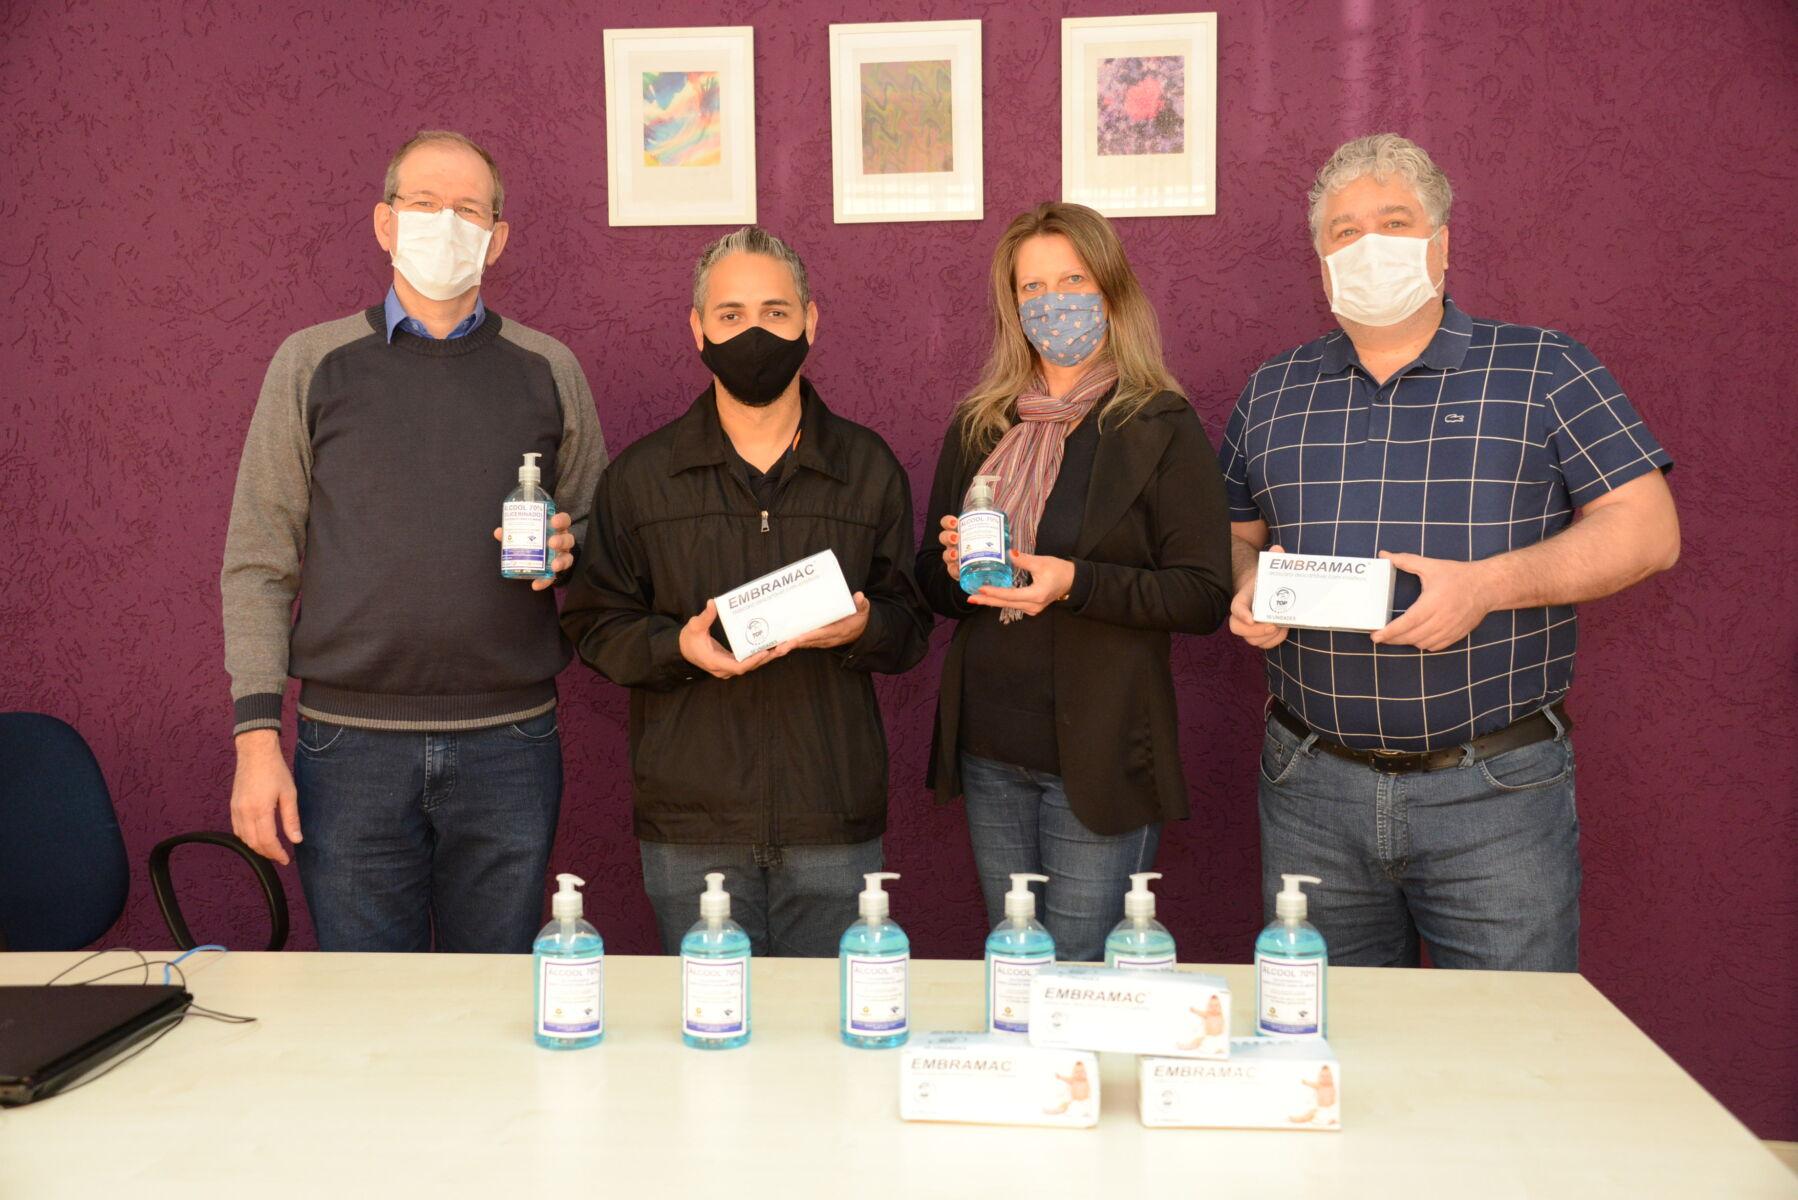 Unicentro repassa álcool 70% e máscaras cirúrgicas para agentes penitenciários